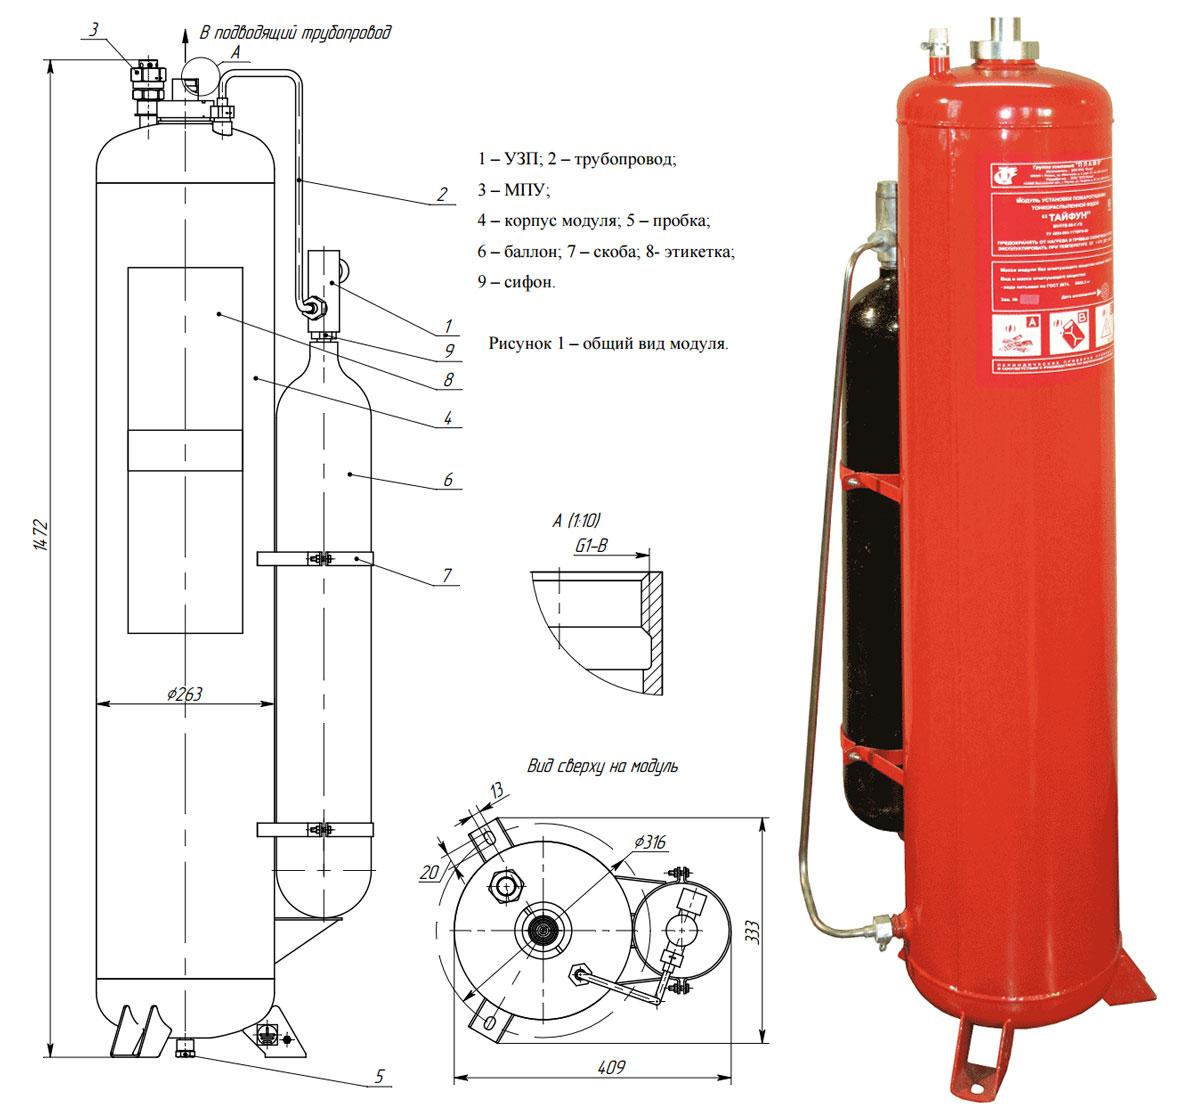 модульная установка пожаротушения тонкораспыленной водой тайфун 240